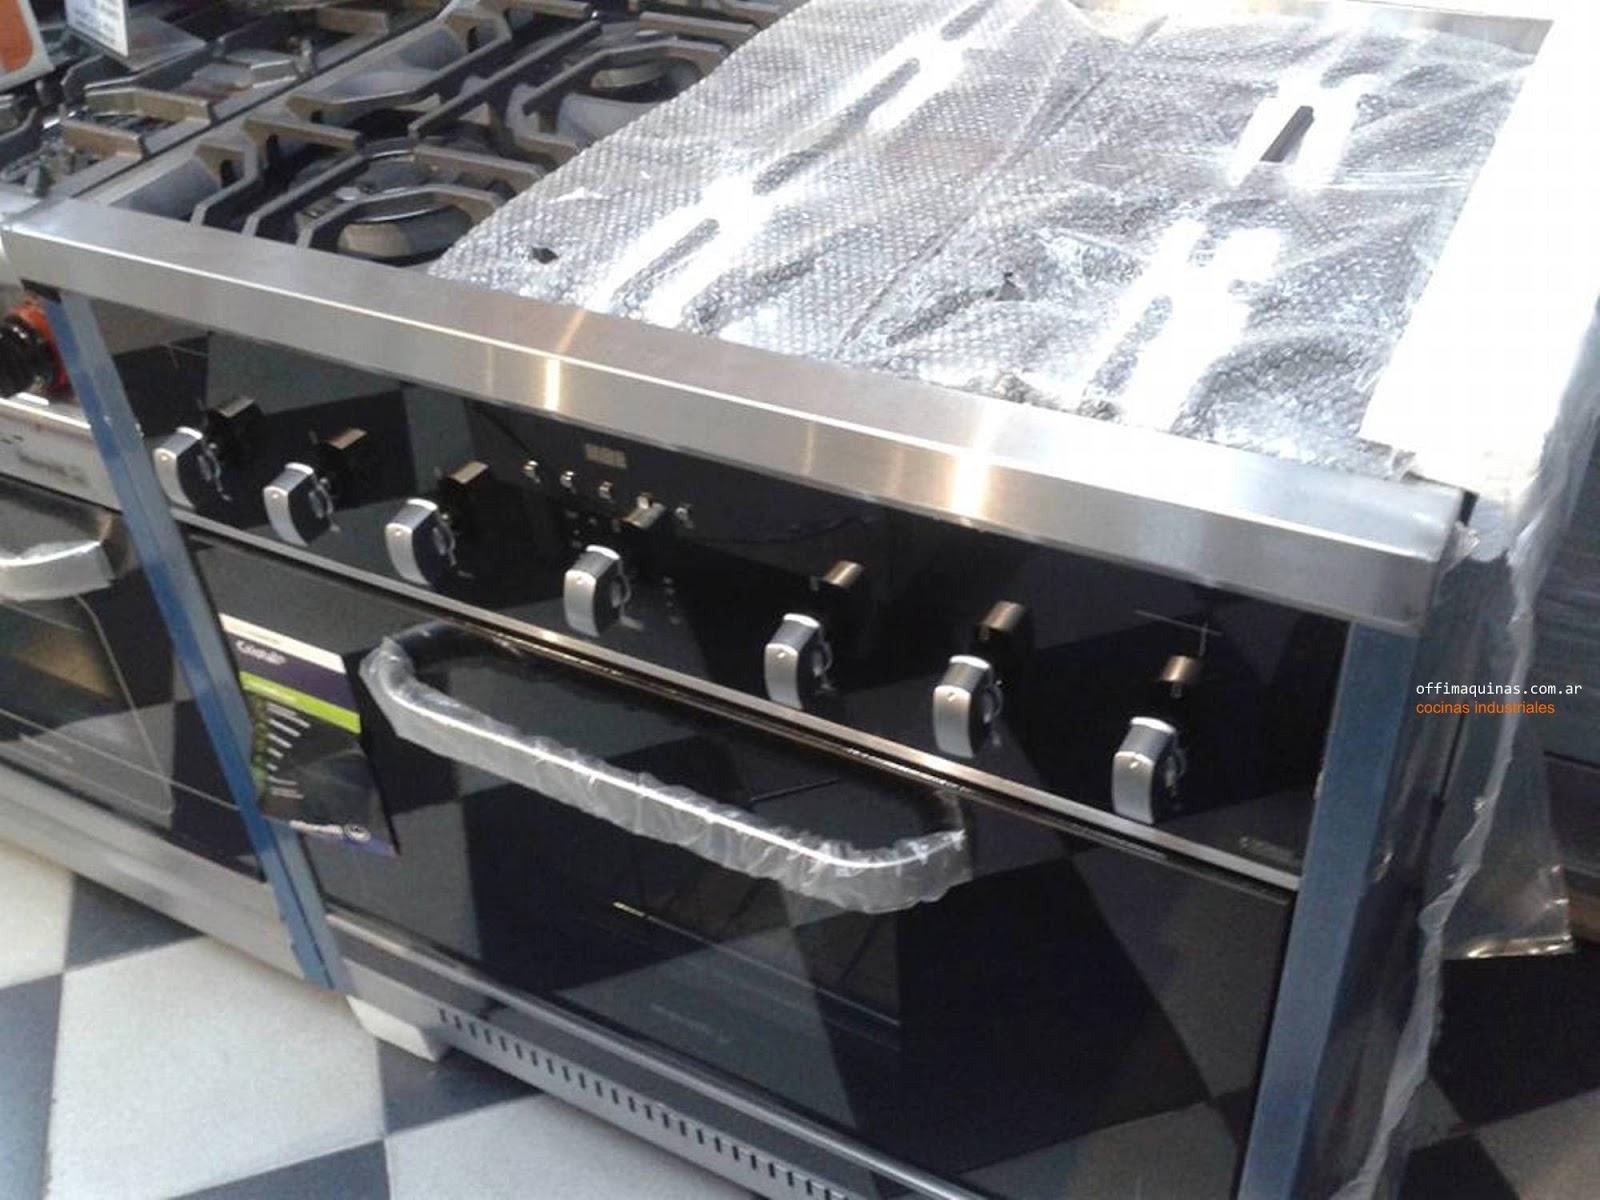 Cocinas industriales familiares for Cocinas industriales a medida